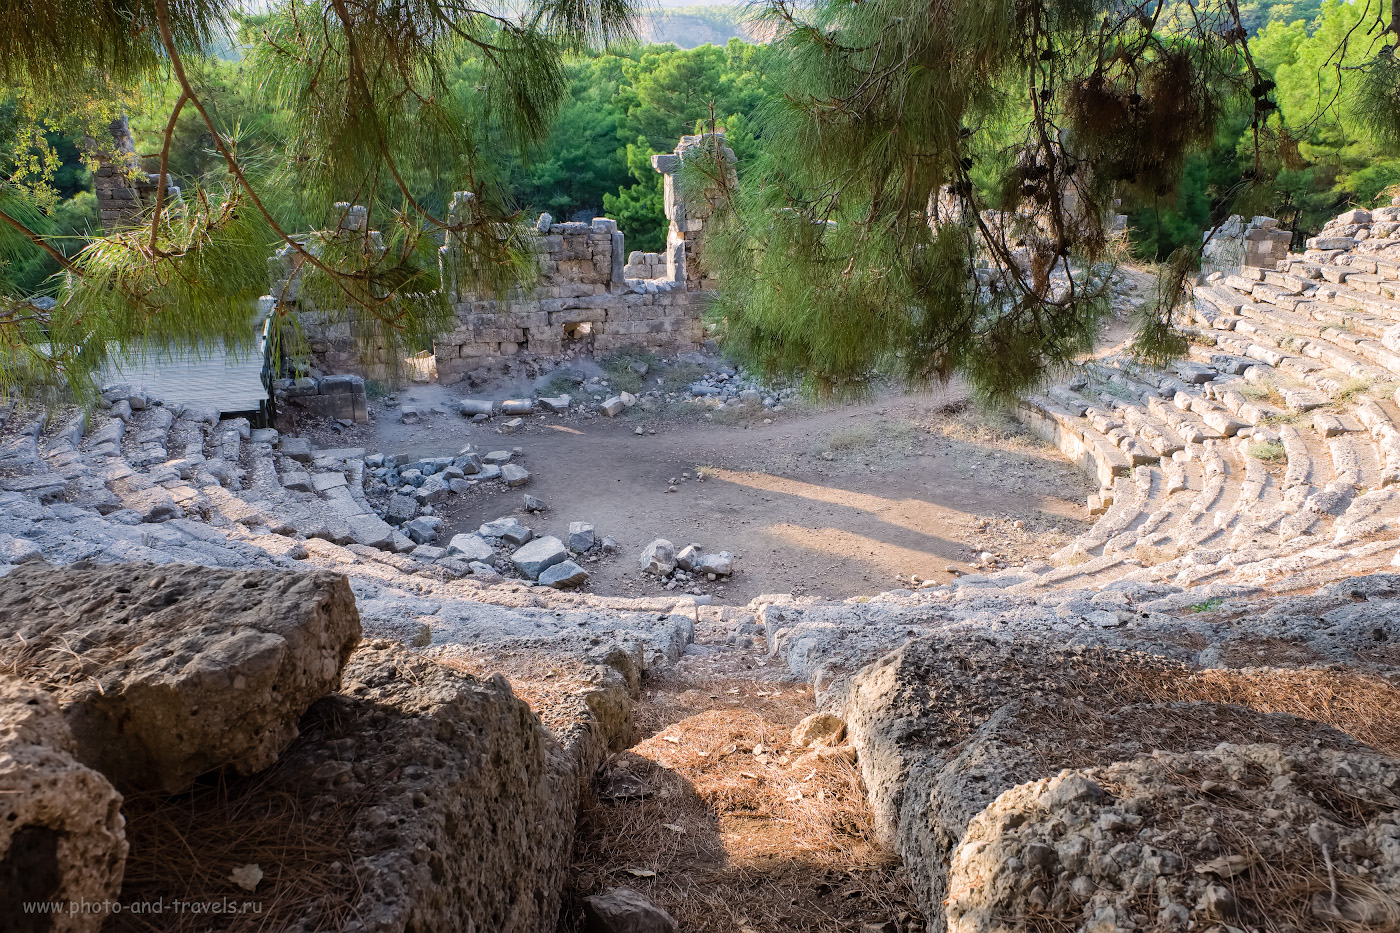 17. Амфитеатр в Фаселисе. Подумать только, 2000 лет назад здесь сидели люди и смотрели представление! 1/60, 8.0, 320, 16.